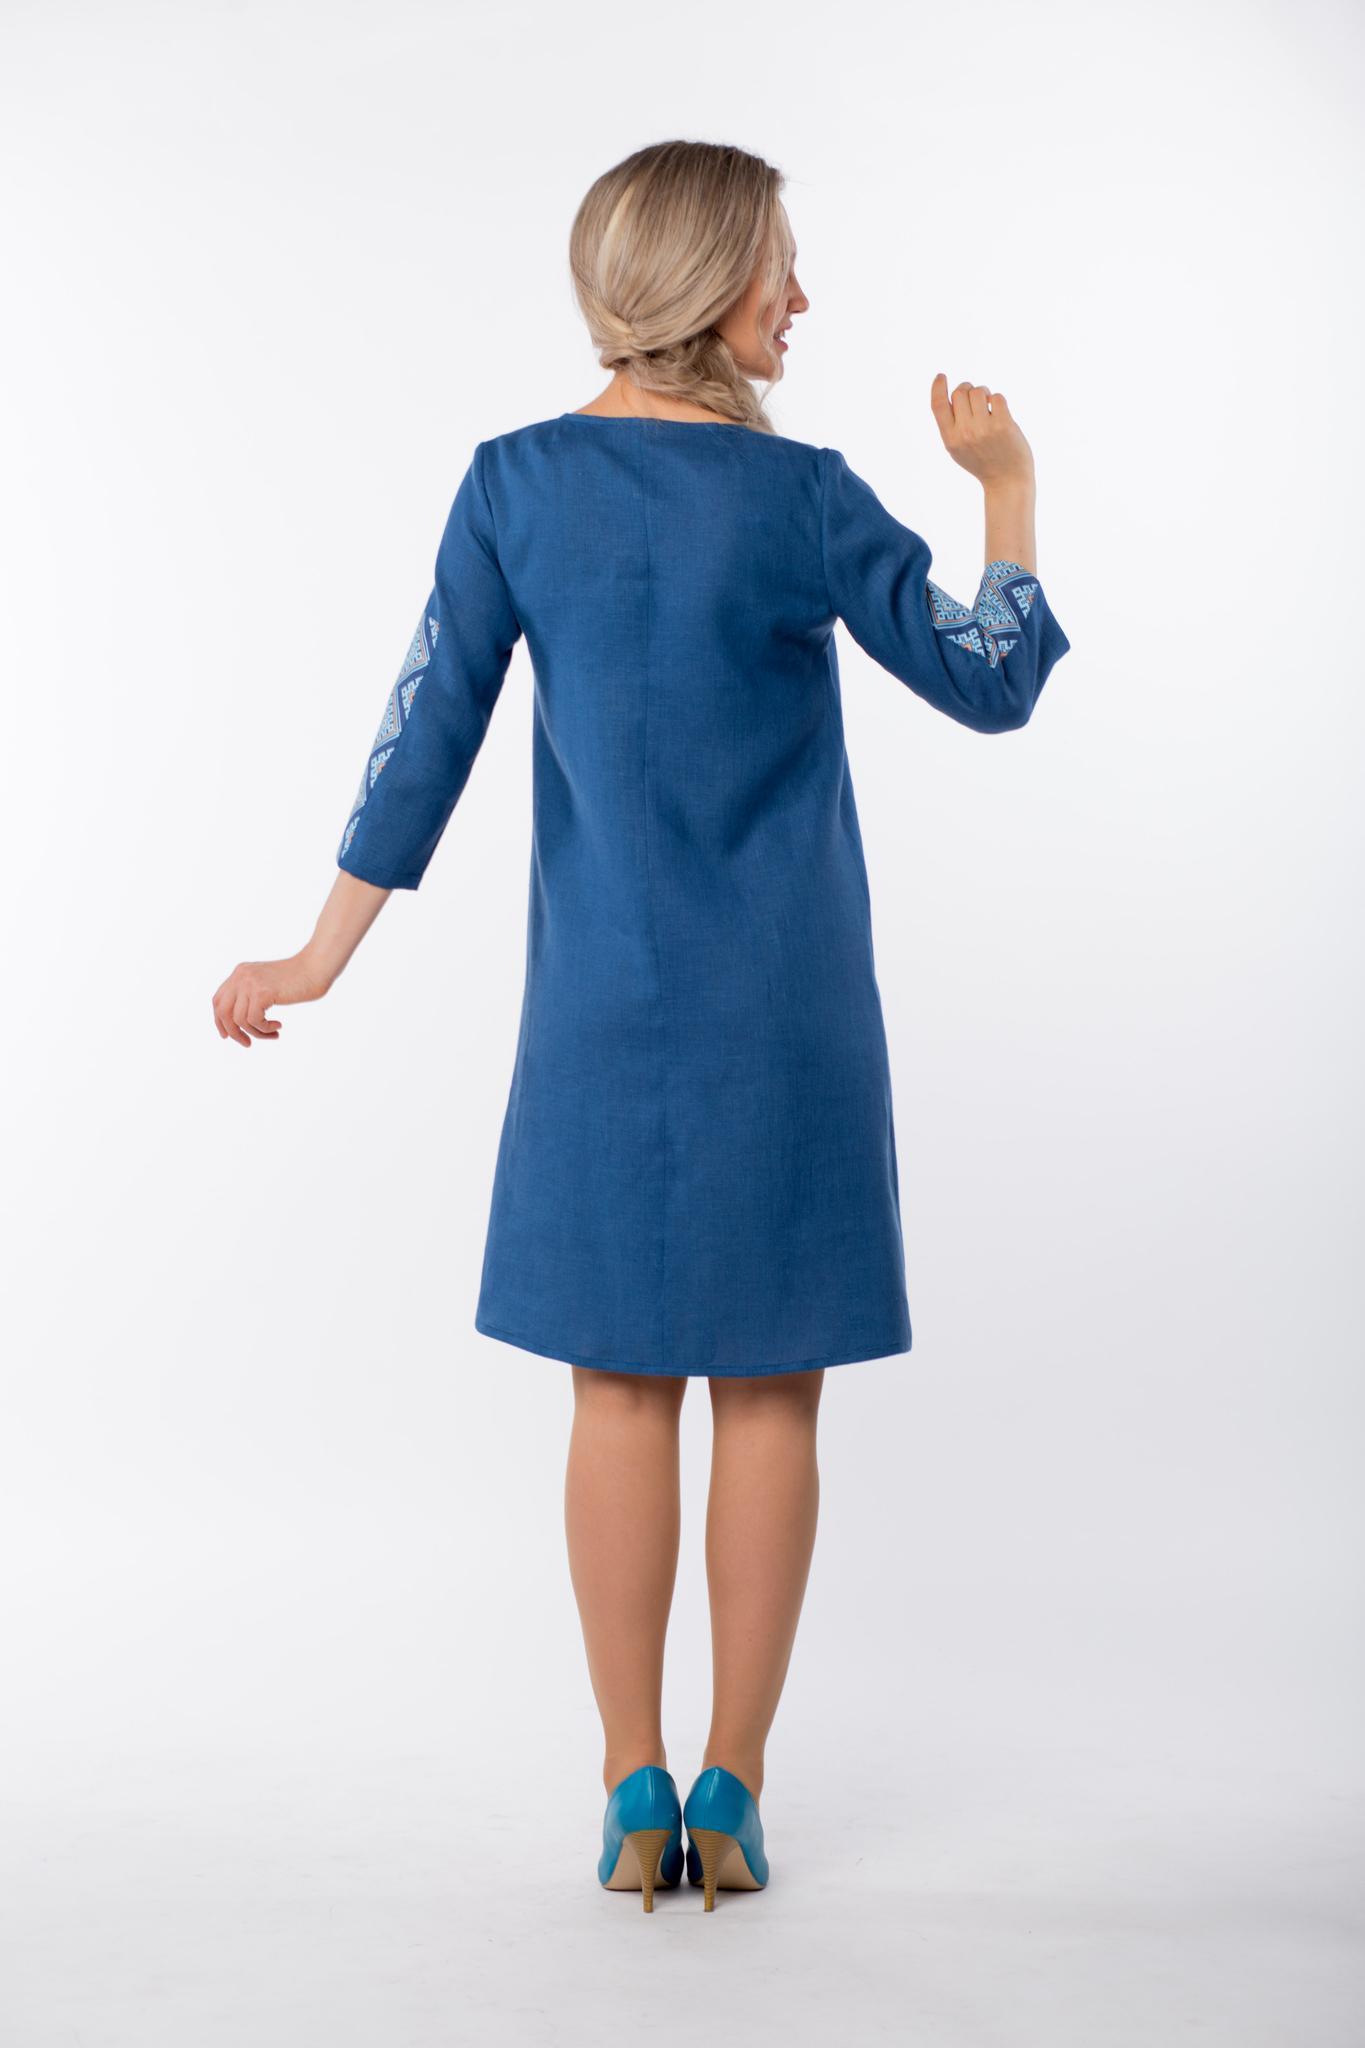 Платье льняное Морское вид сзади